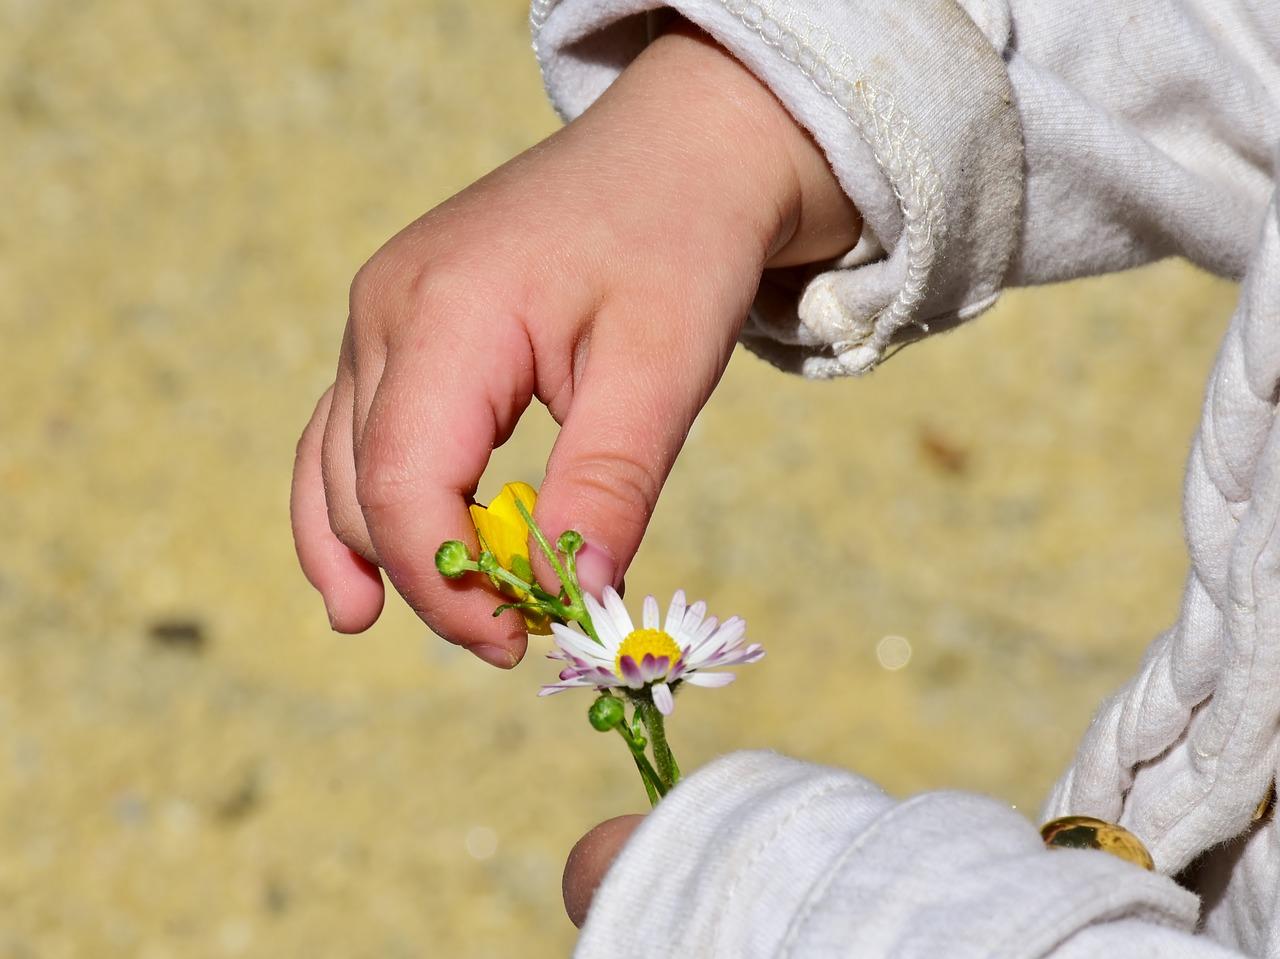 child, girl, hand